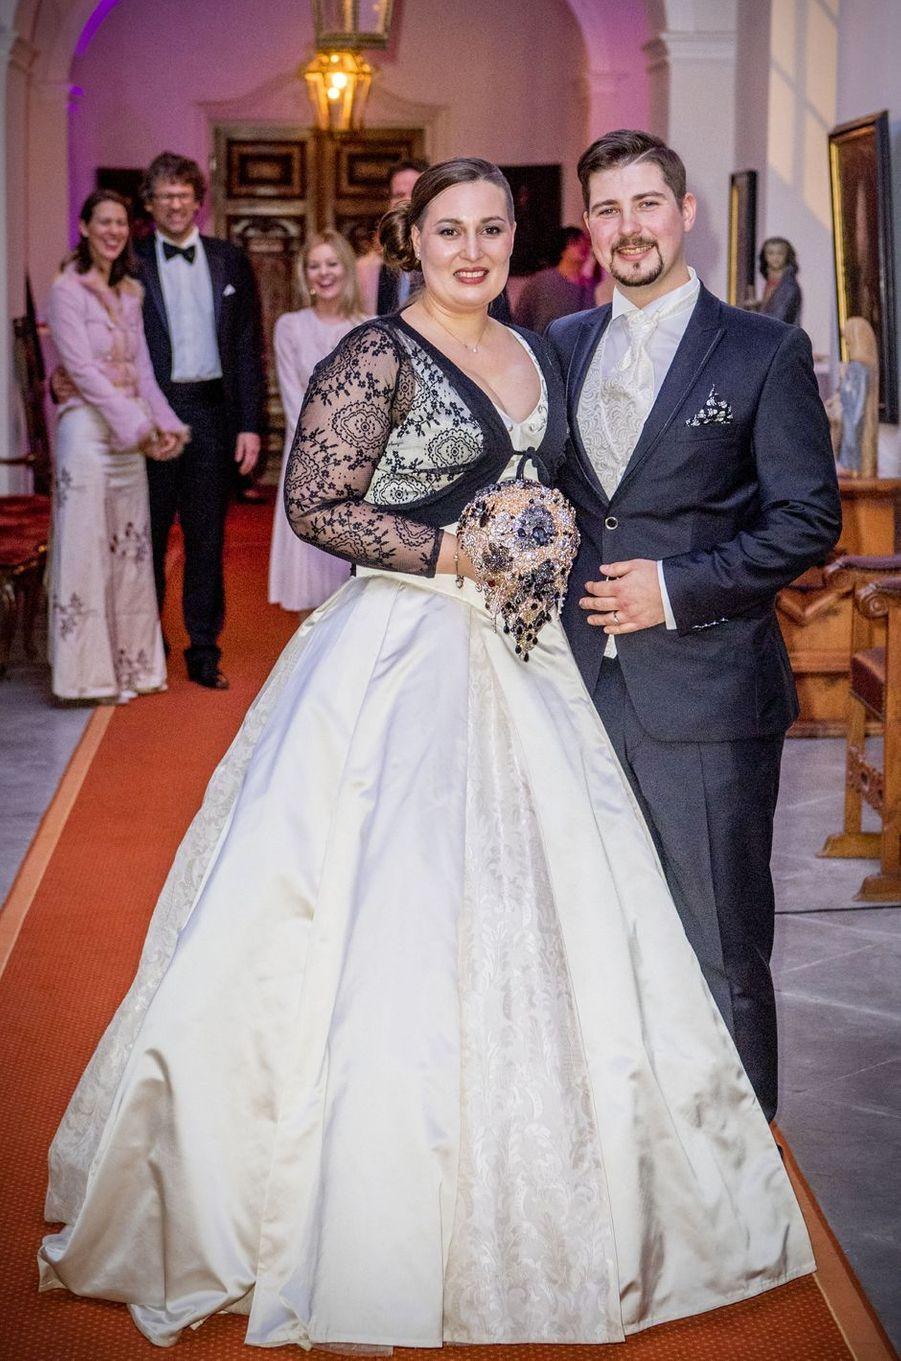 La comtesse Diana Bernadotte de Wisborg et Stefan Dedek, le jour de leur mariage, le 13 janvier 2017 sur l'île de Mainau